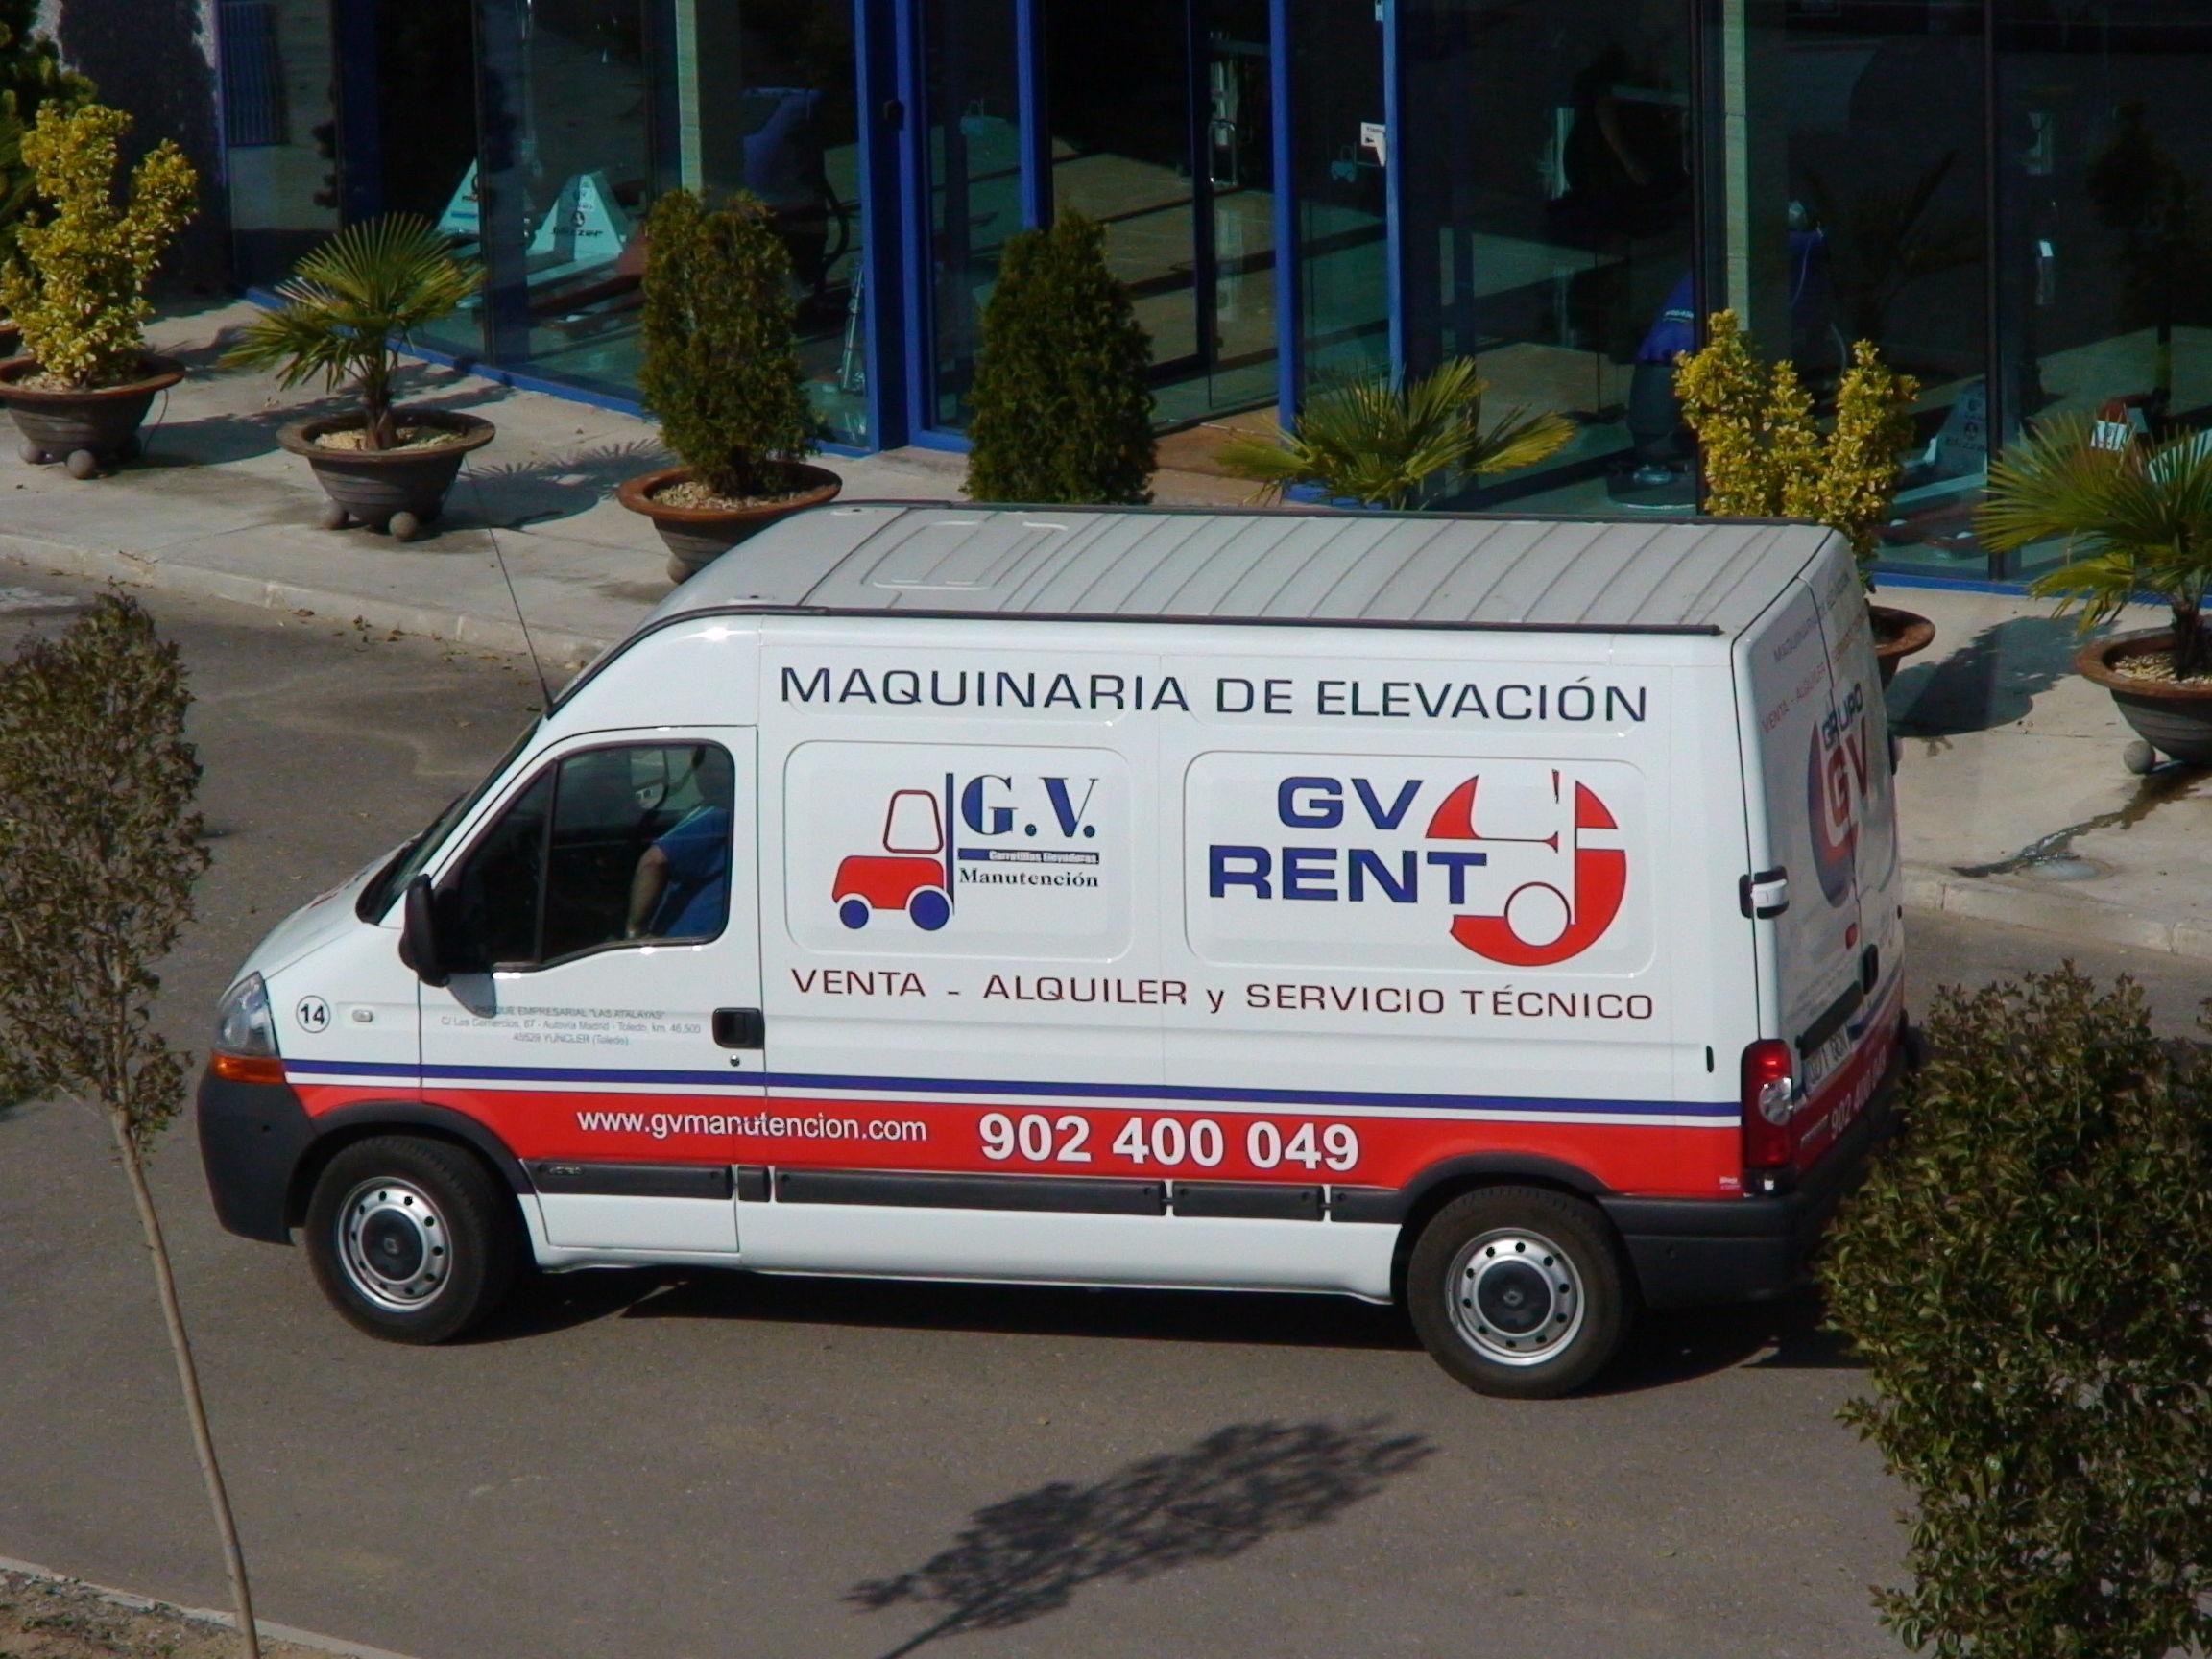 Foto 4 de Carretillas en Yuncler | G.V. Manutención